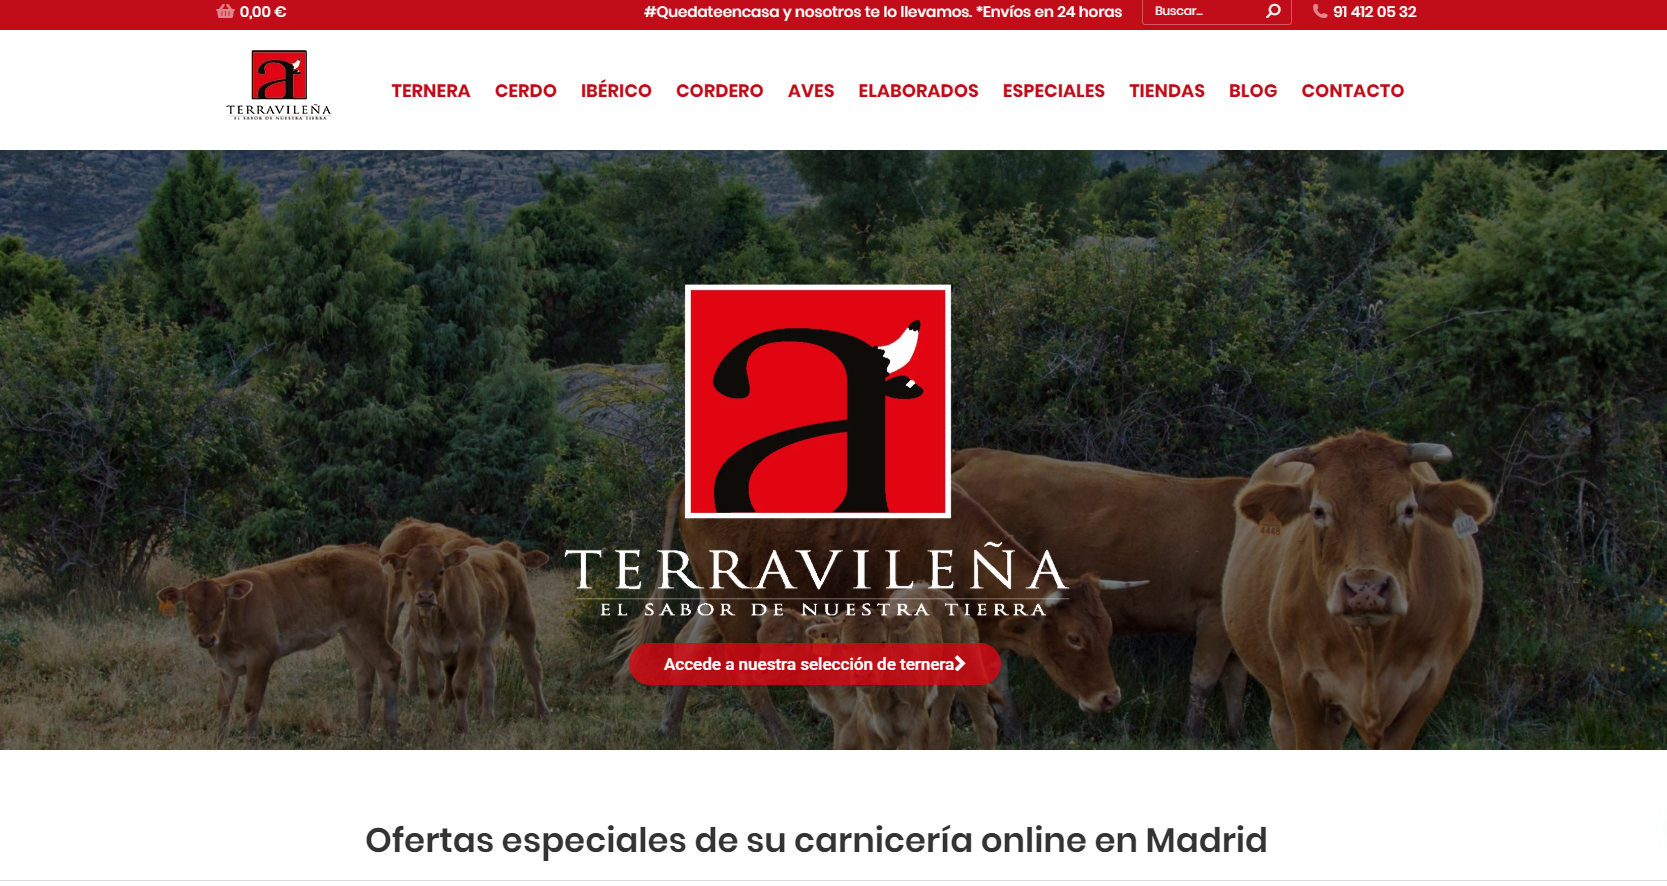 Vender mis productos en Internet - Terravileña